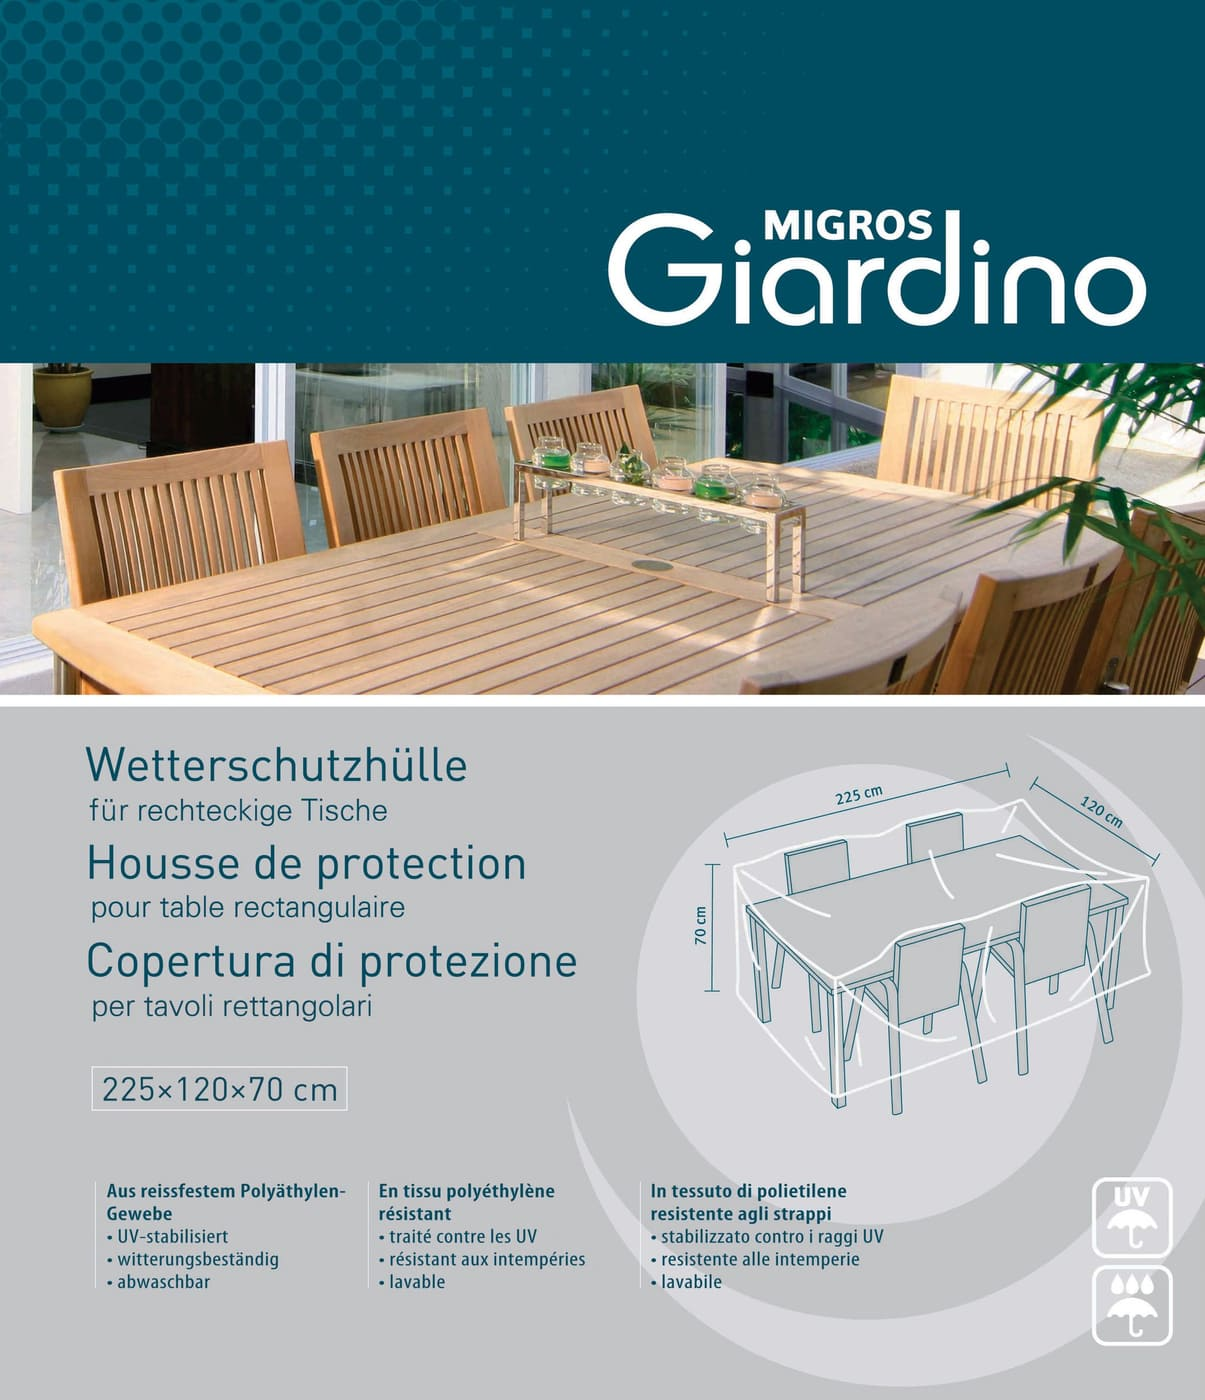 Housse de protection pour table rectangulaire migros - Housse de protection pour table de jardin rectangulaire ...